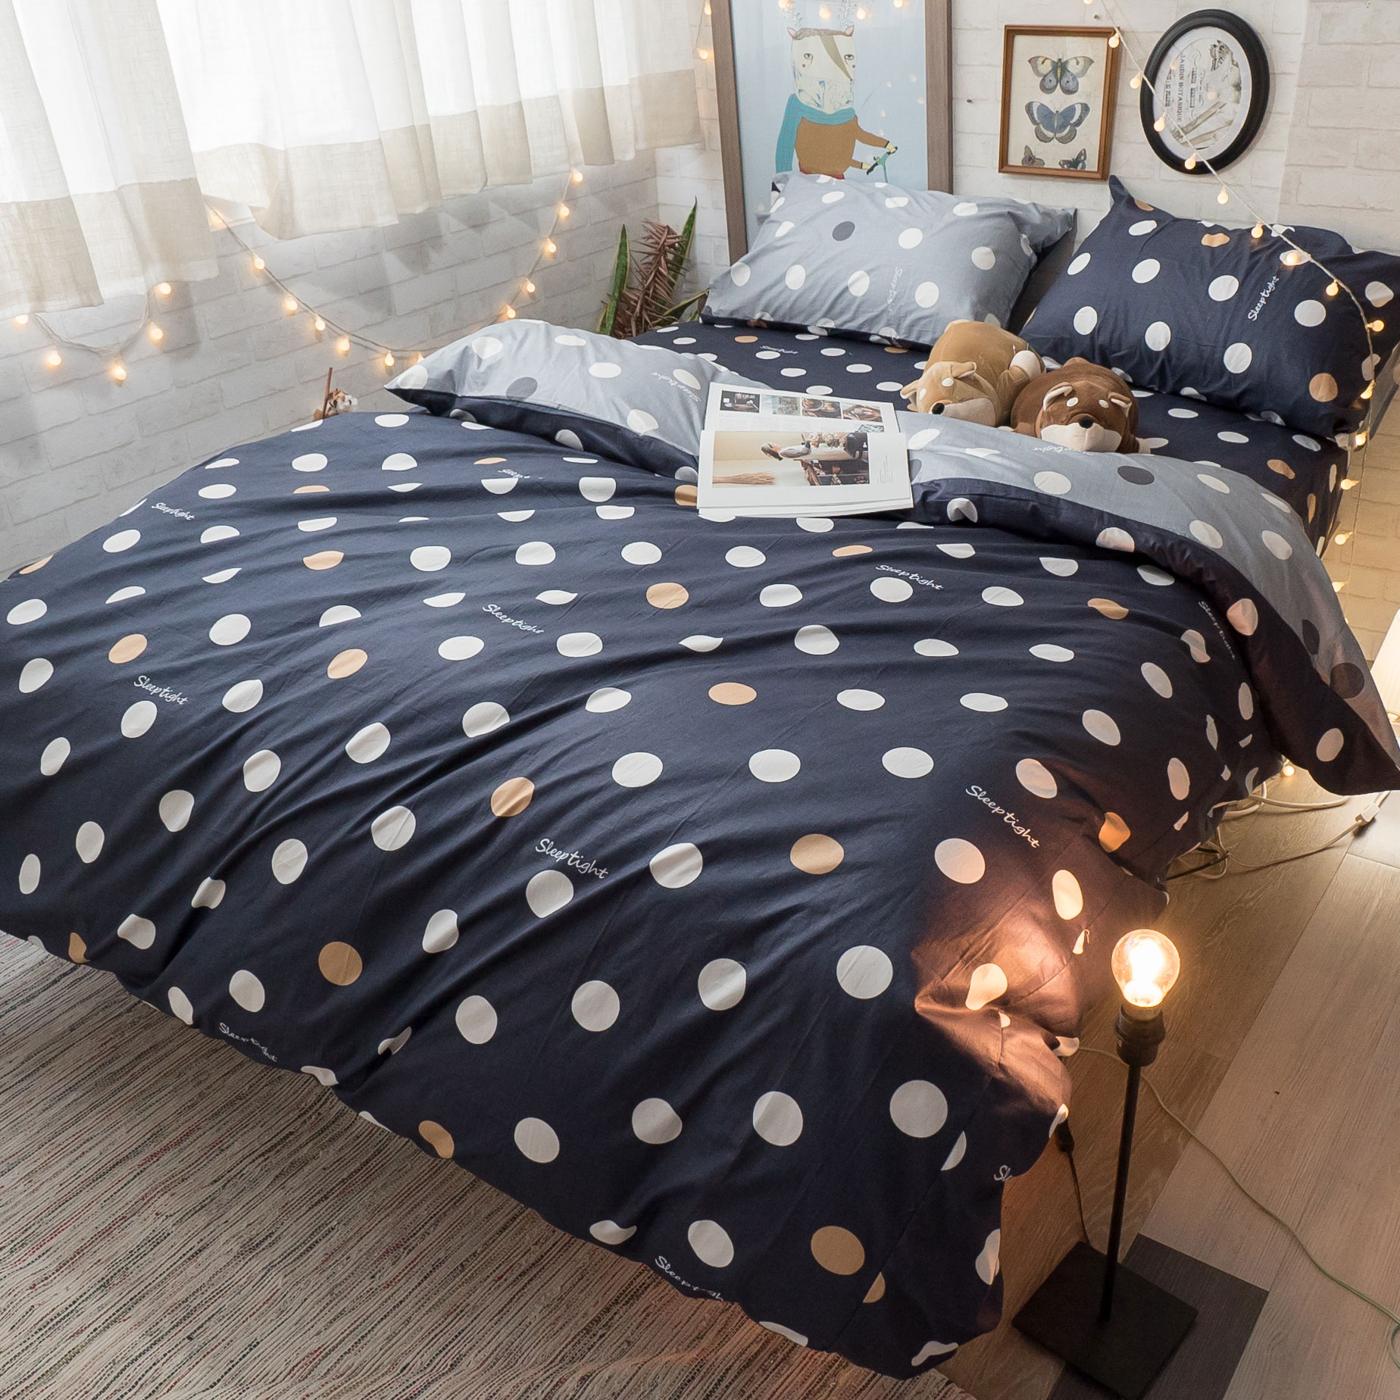 爵士圓舞曲 S2 單人床包雙人薄被套三件組 100%精梳棉 台灣製